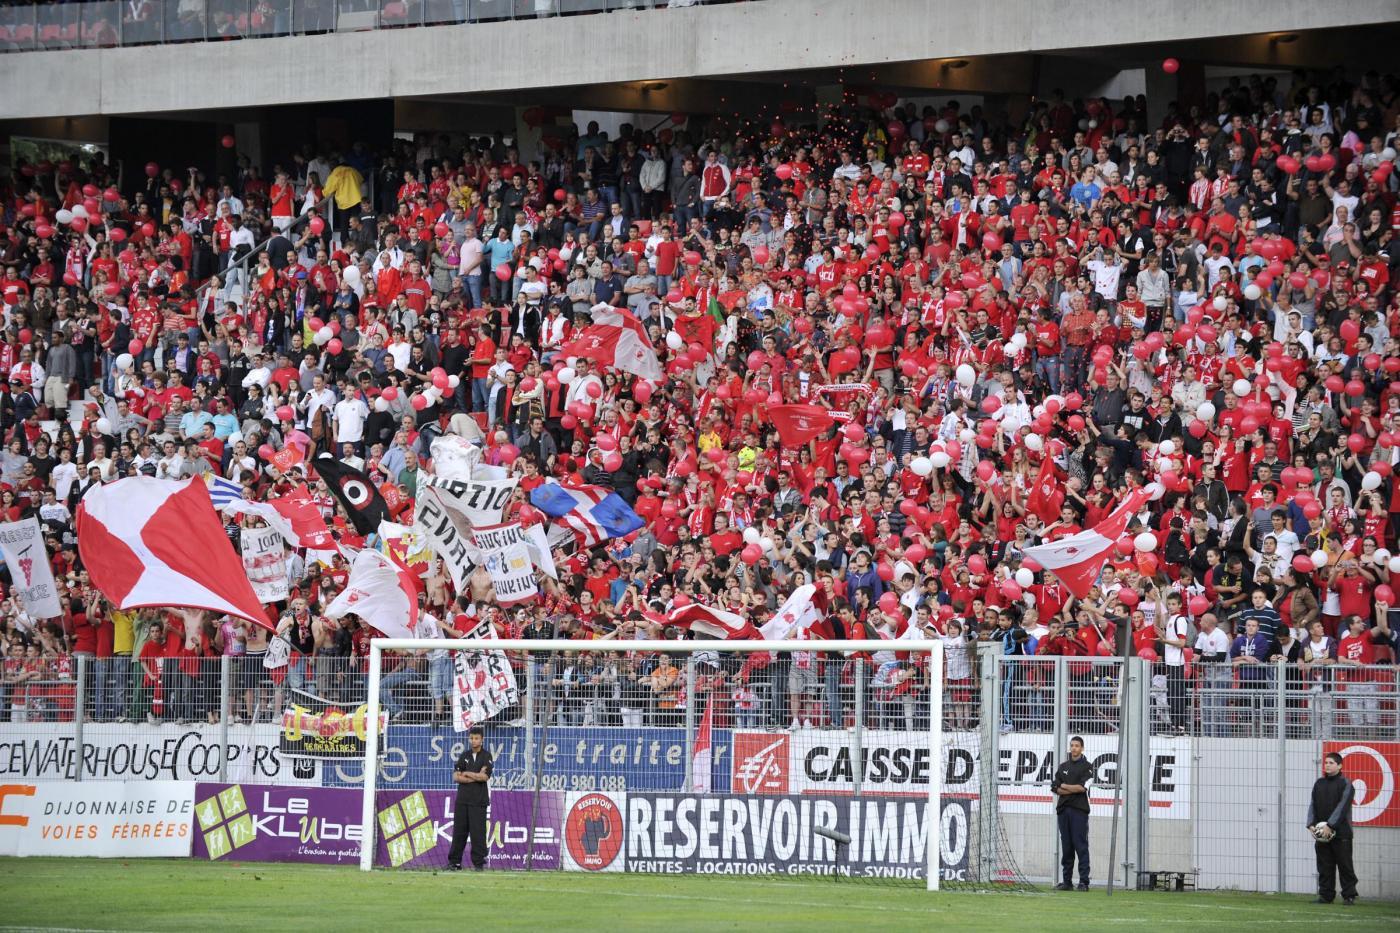 Rennes-Guingamp 12 maggio: si gioca per la 36 esima giornata della Serie A francese. Gli ospiti hanno grande sete di punti.